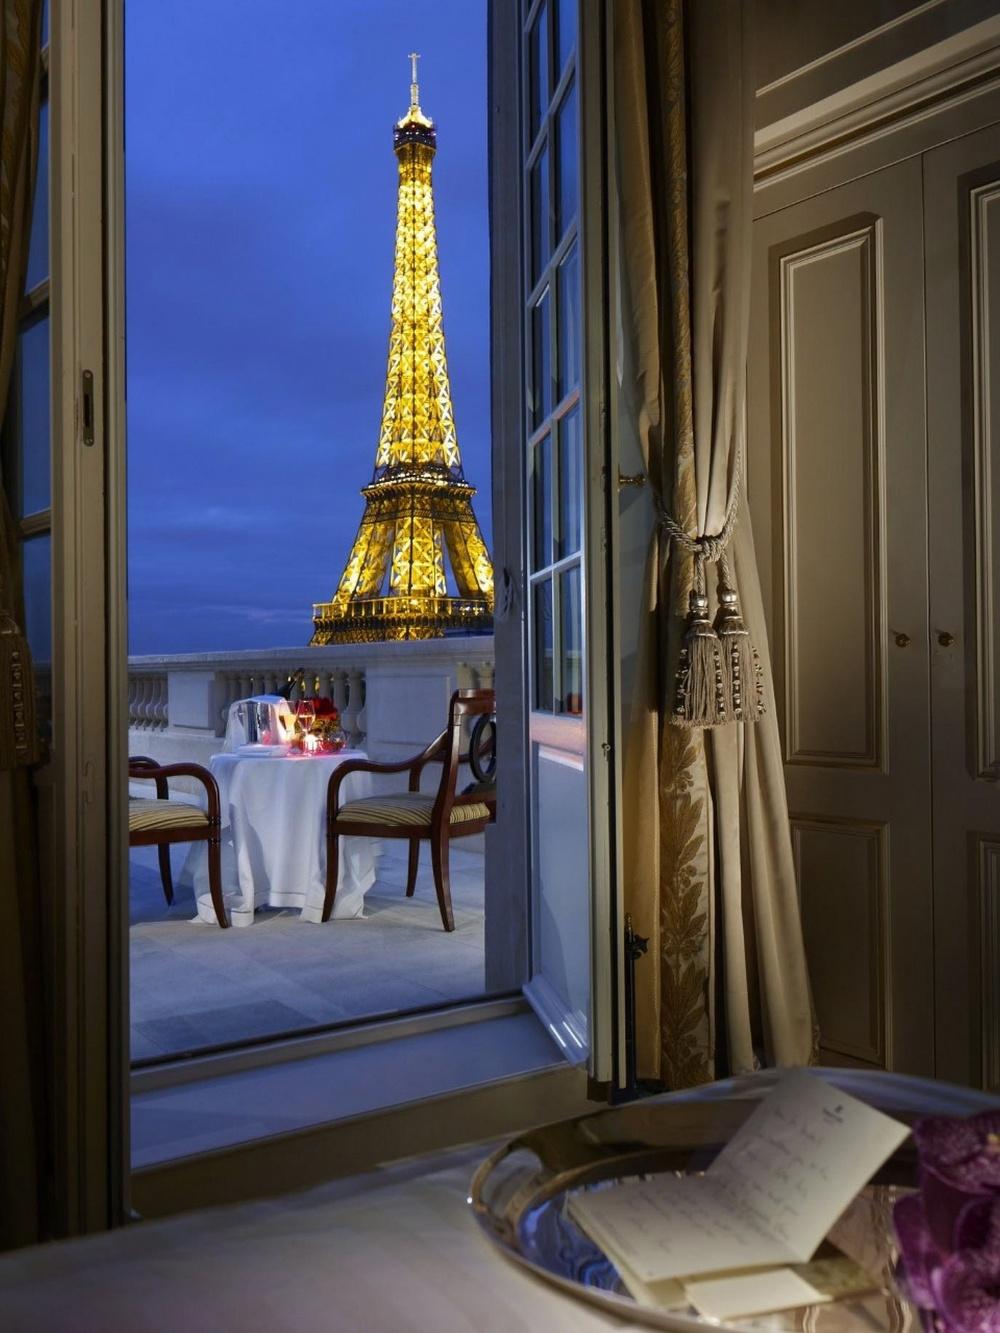 нее комната в париже картинки дубленки турецкие